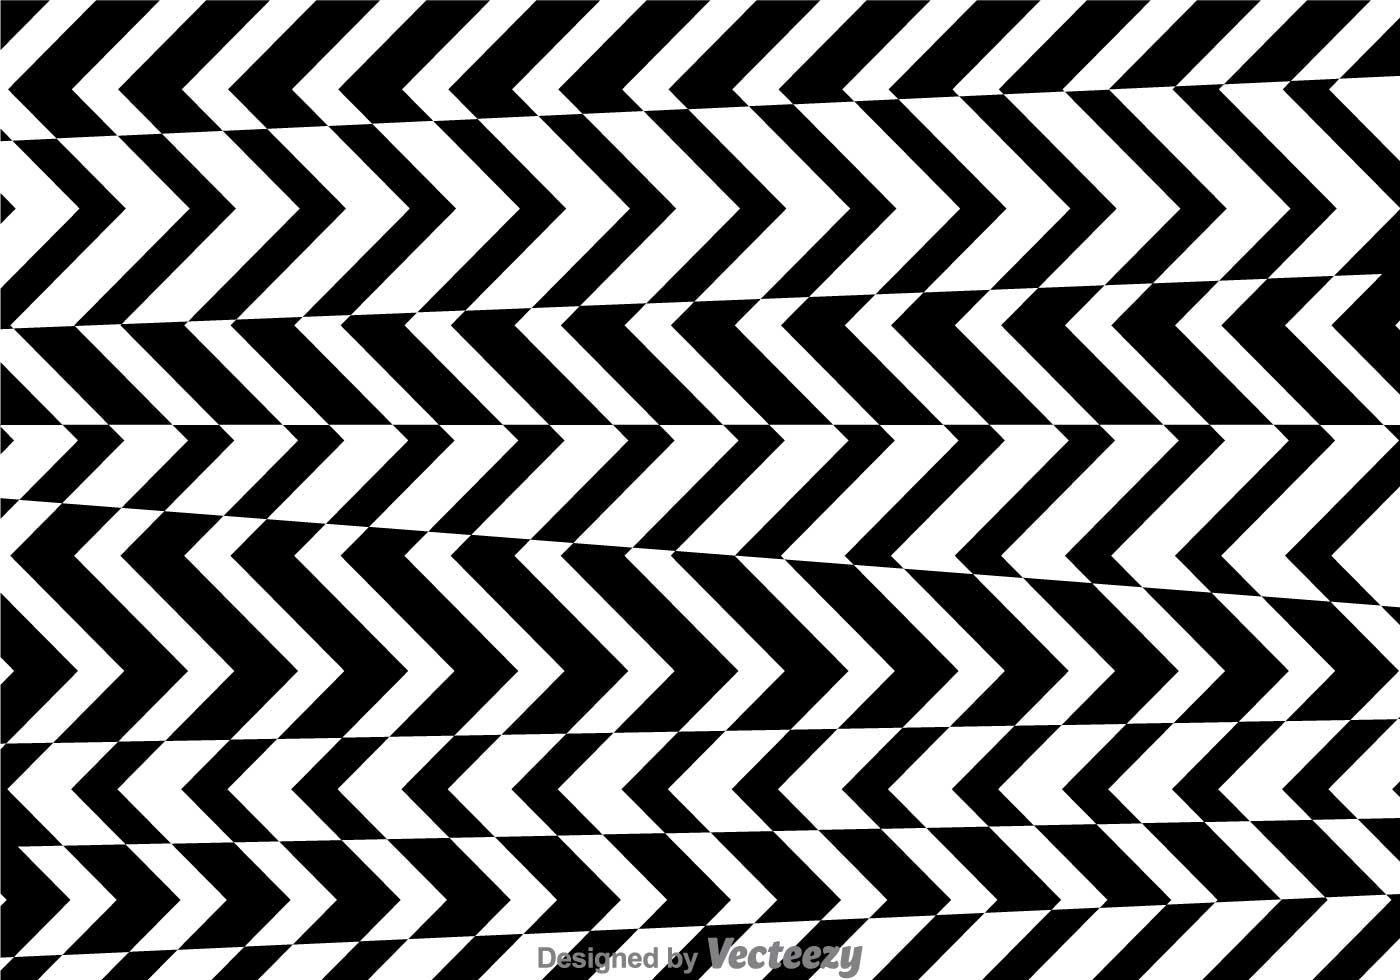 Fullsize Of Black And White Patterns